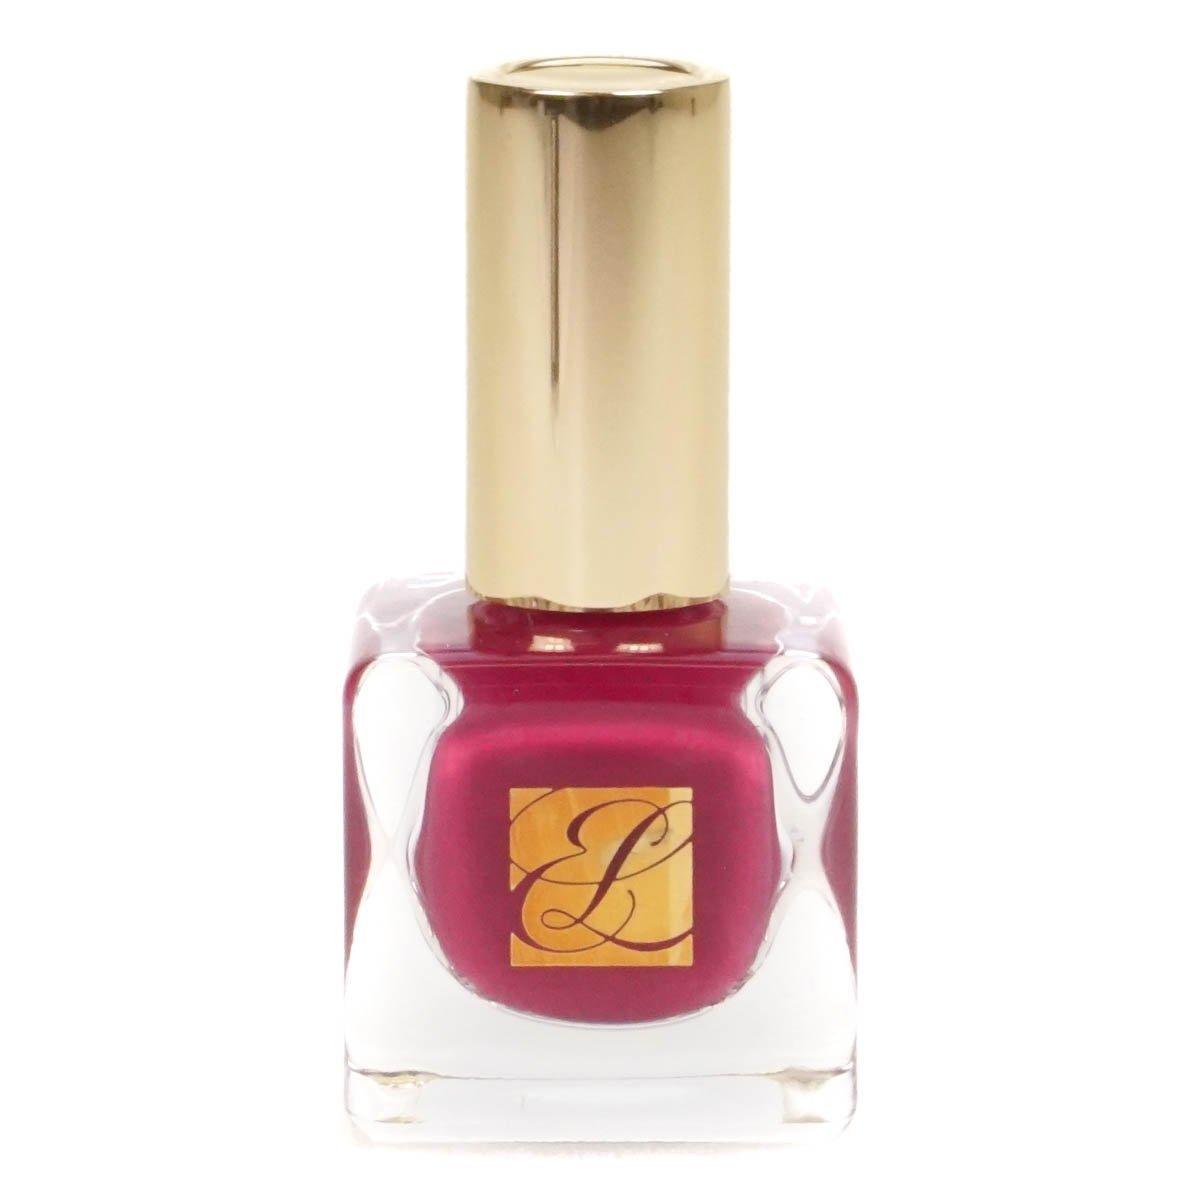 Amazon.com: Estee Lauder Pure Color Nail Lacquer Love Bites: Health ...